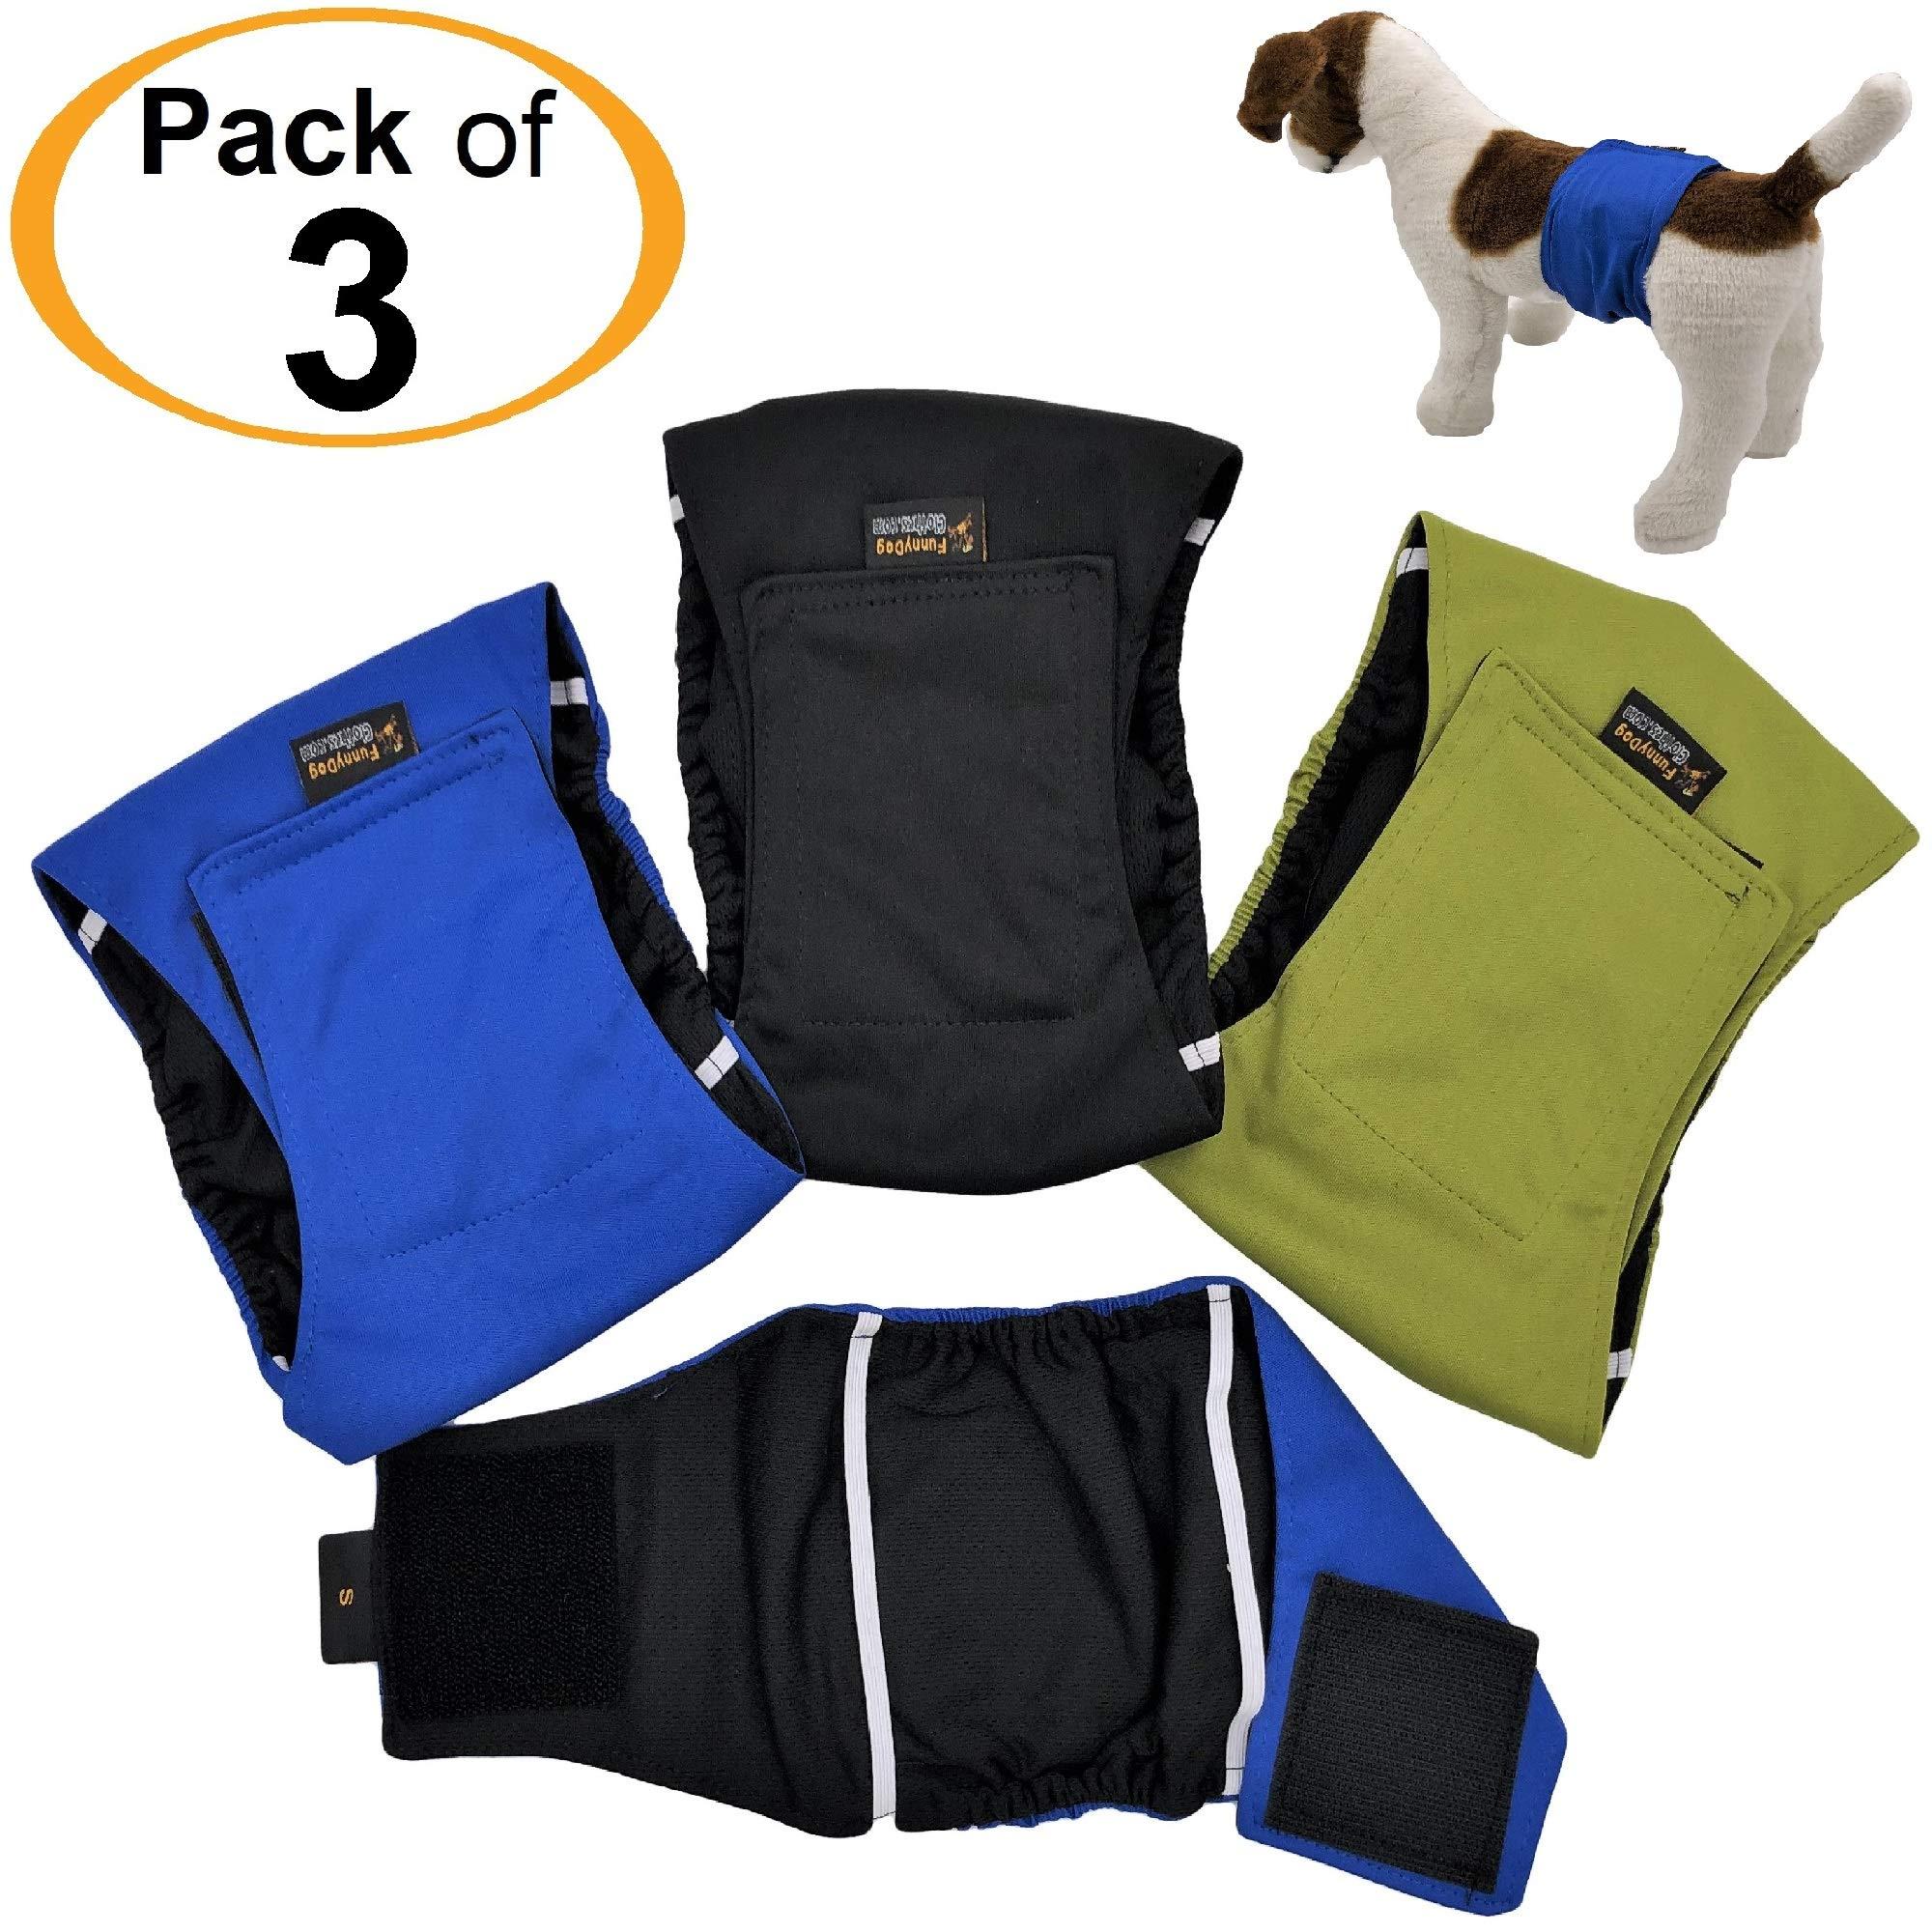 FunnyDogClothes 3 件装男式狗狗尿布防水防漏肚带包裹可水洗,适合小型、中号和大型宠物 S: Waist 10